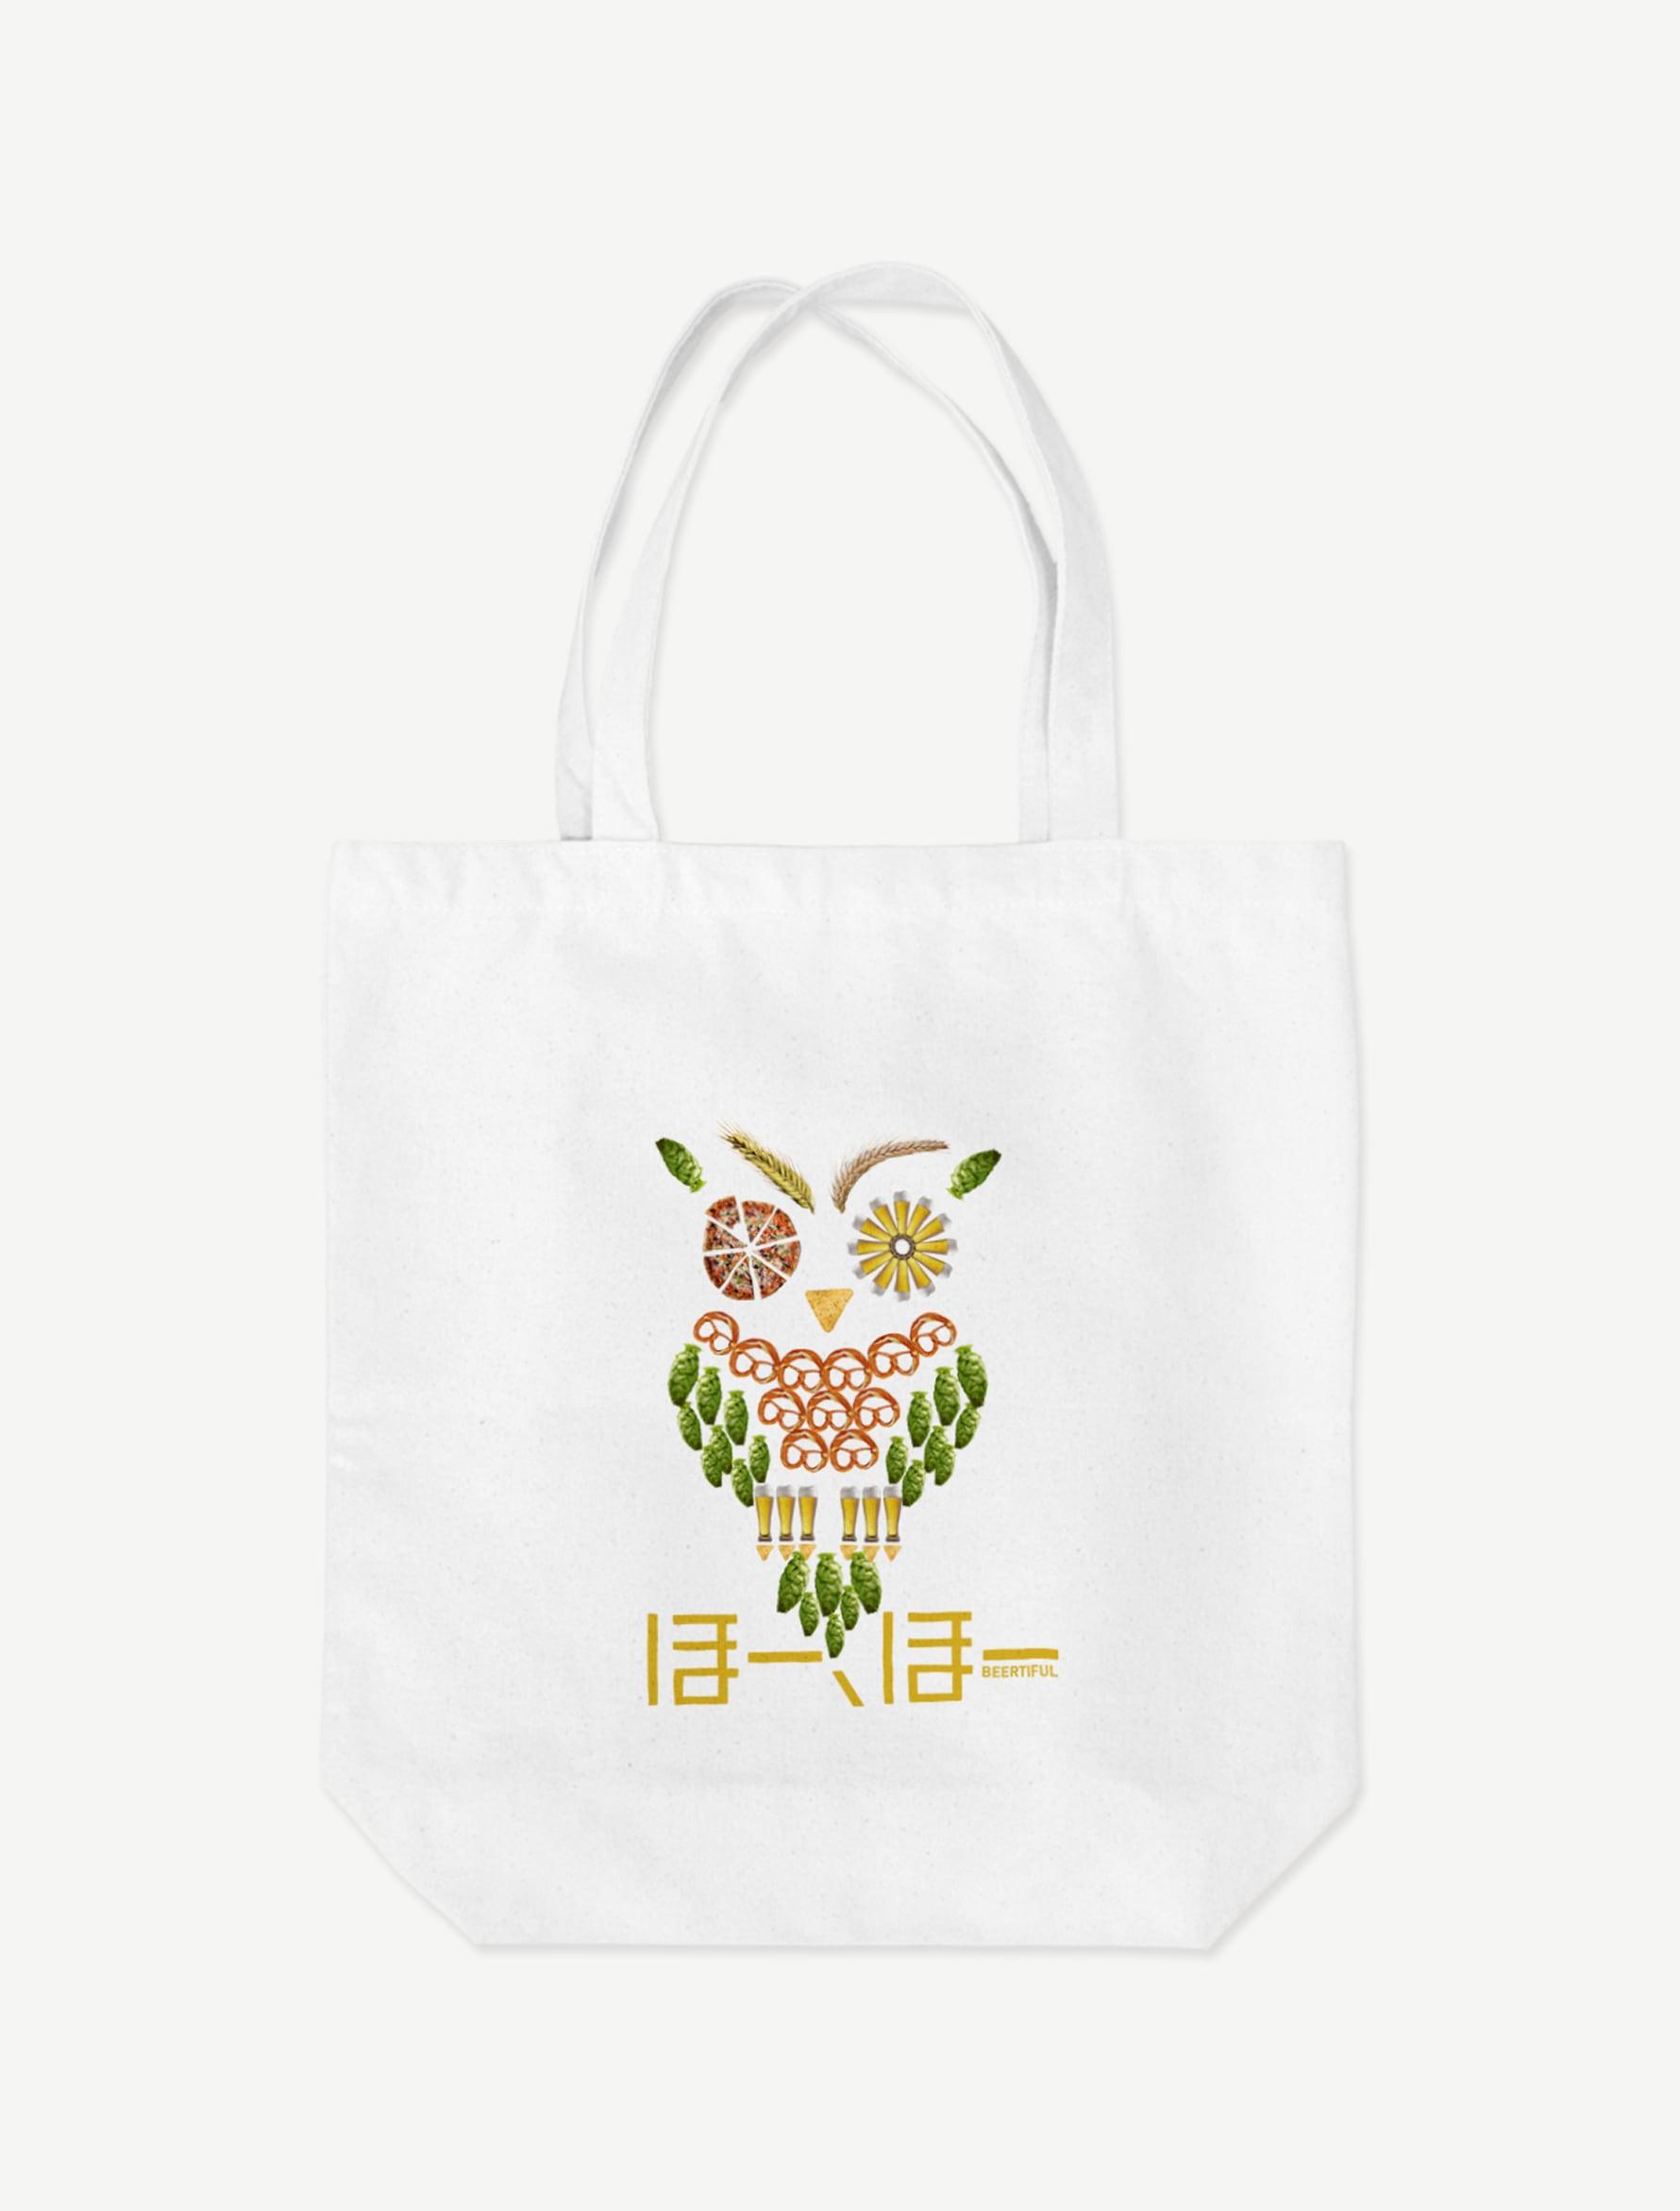 【フクロウ】トートバッグ(ホワイト)